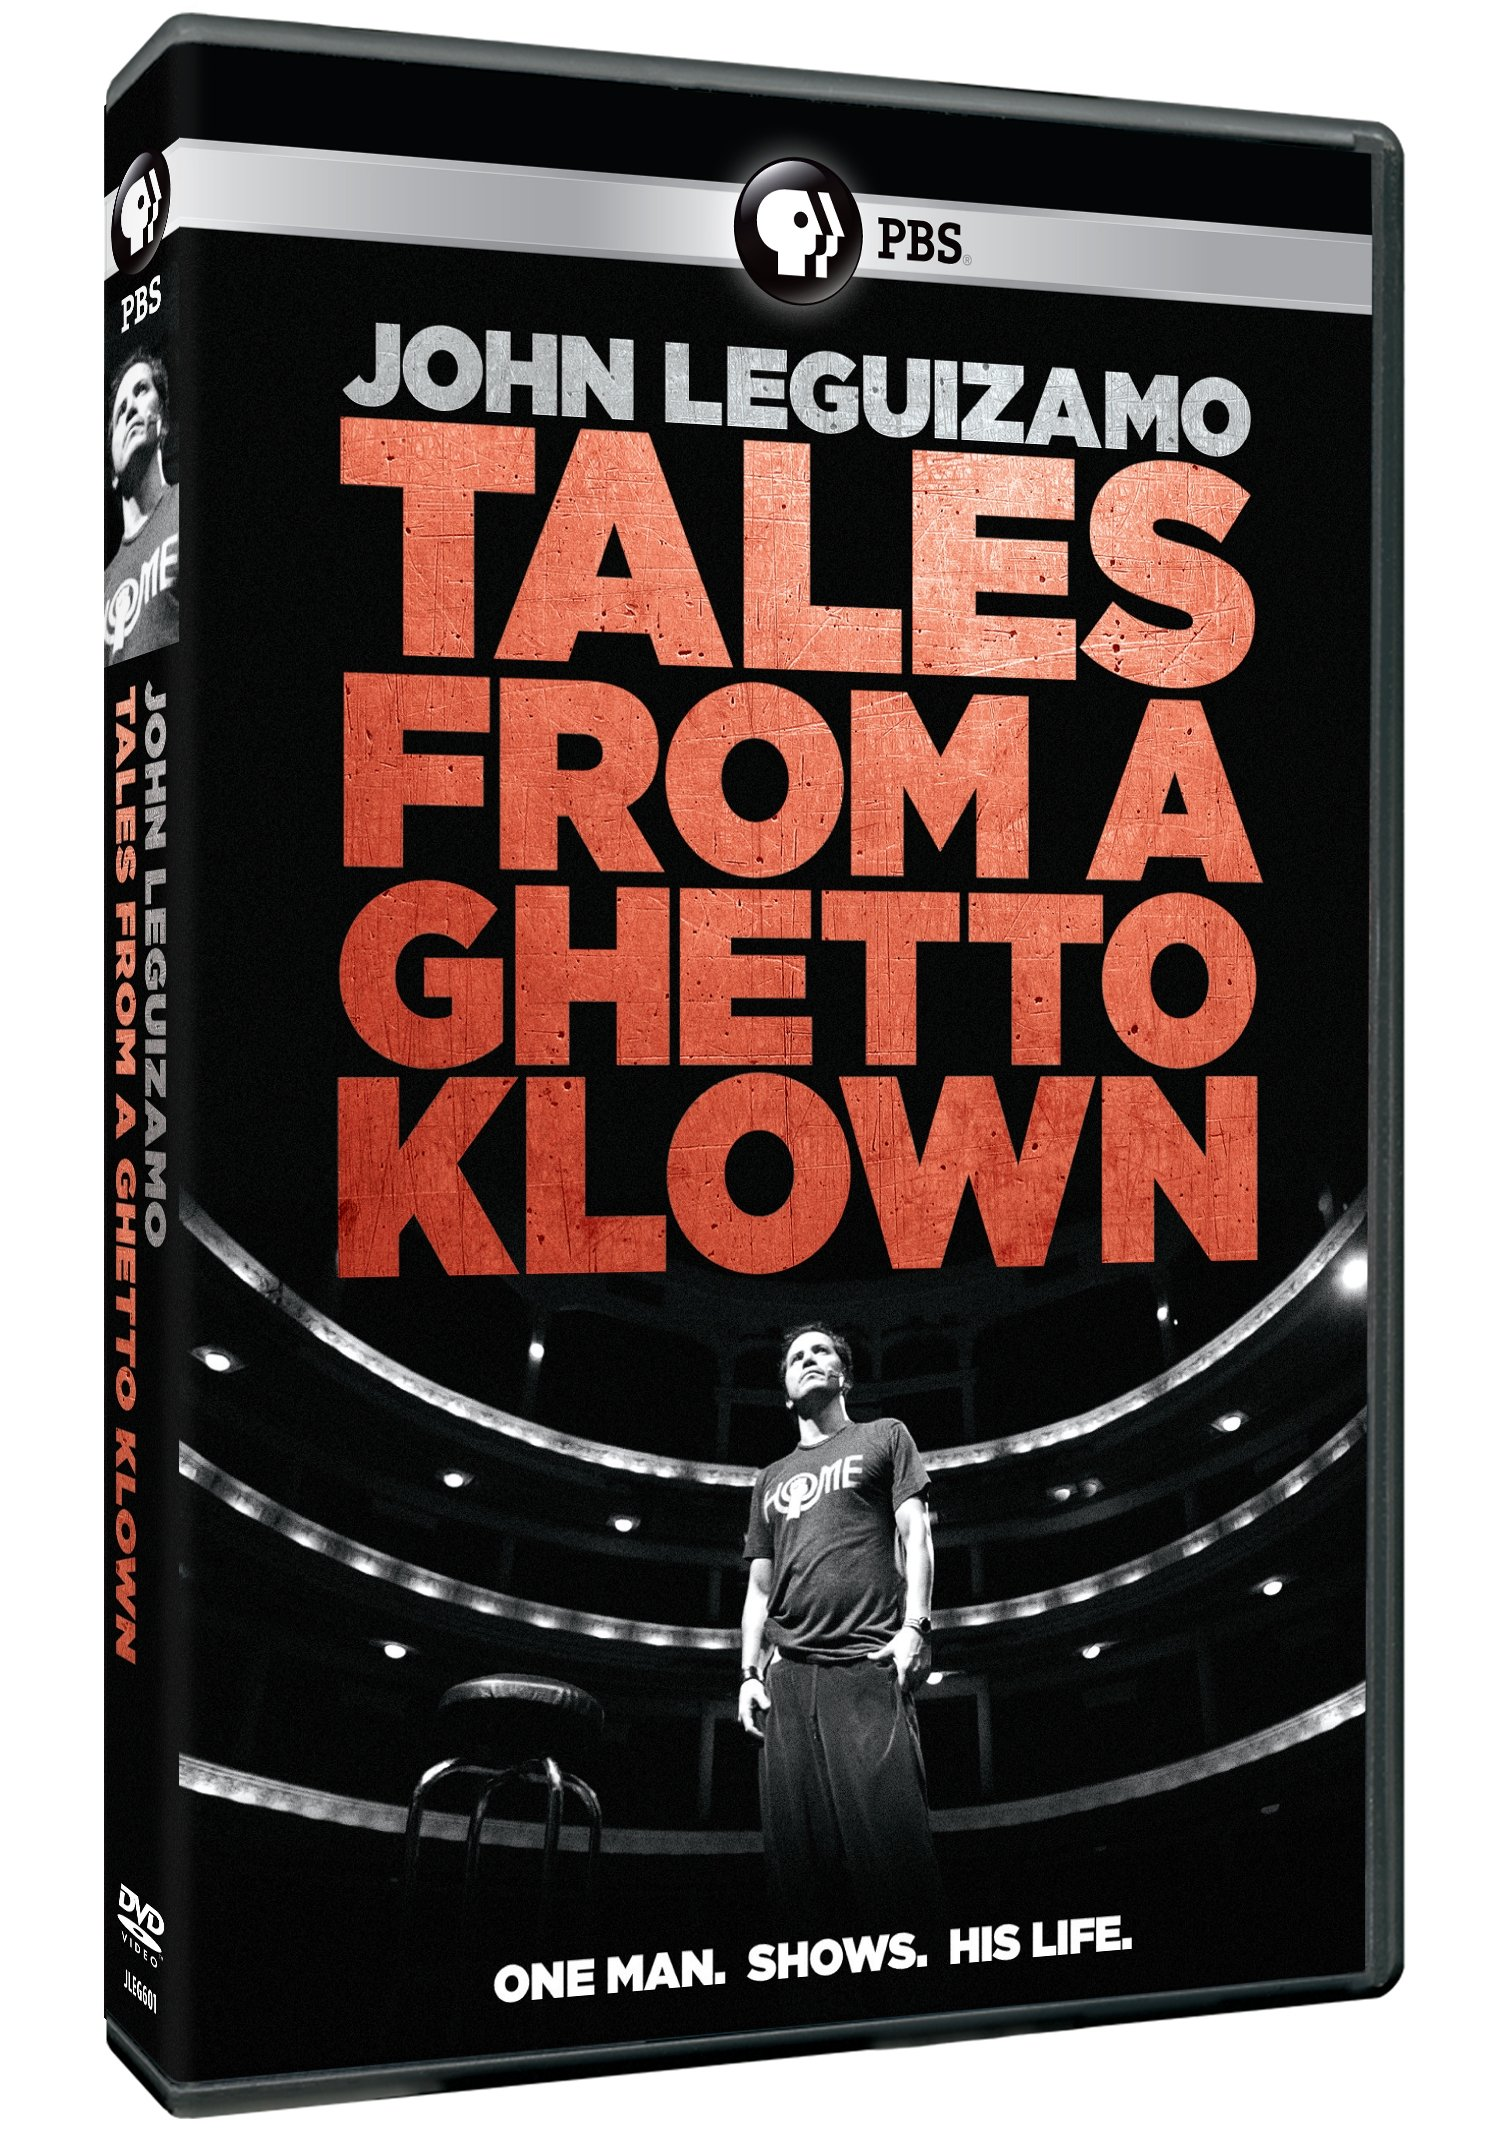 DVD : John Leguizamo: Tales From A Ghetto Klown (DVD)